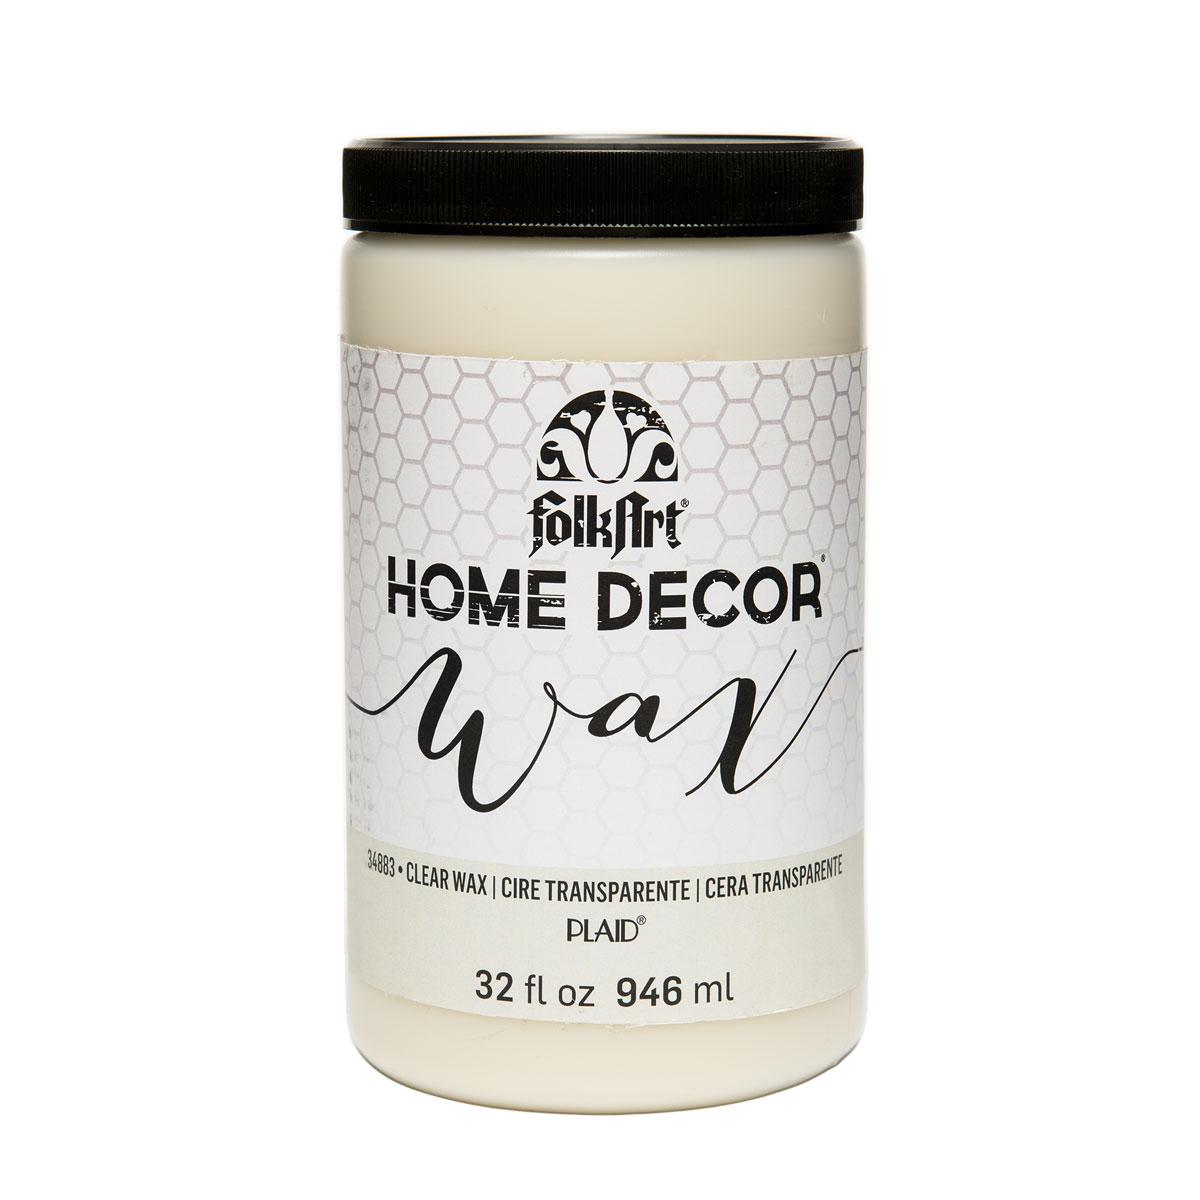 FolkArt ® Home Decor™ Wax - Clear, 32 oz. - 34883